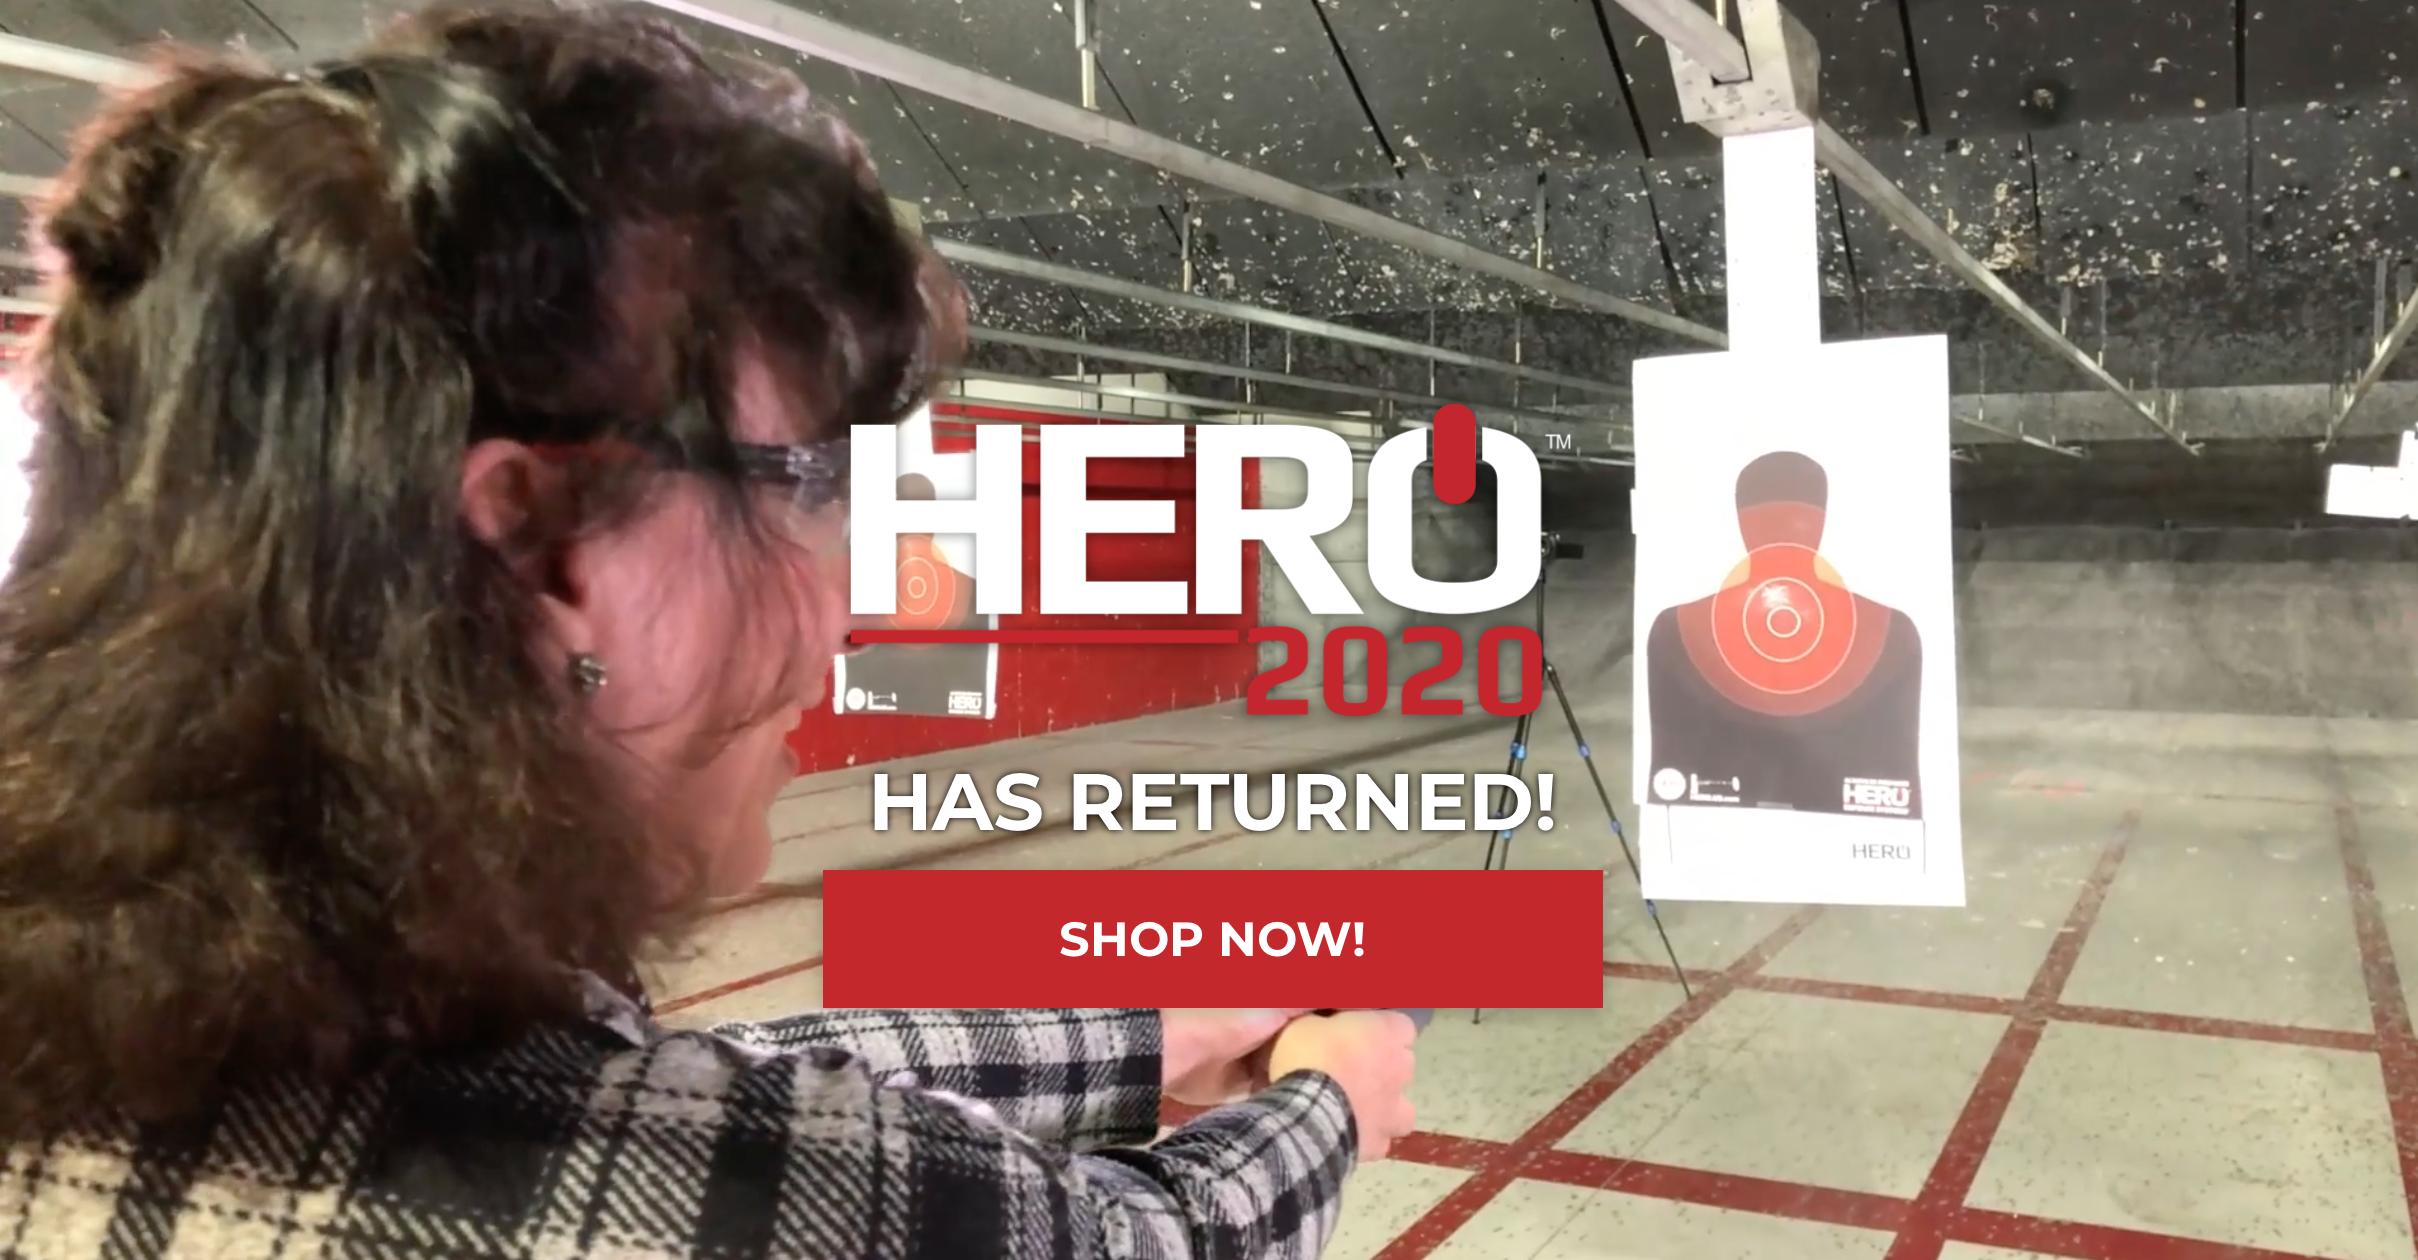 HERO 2020